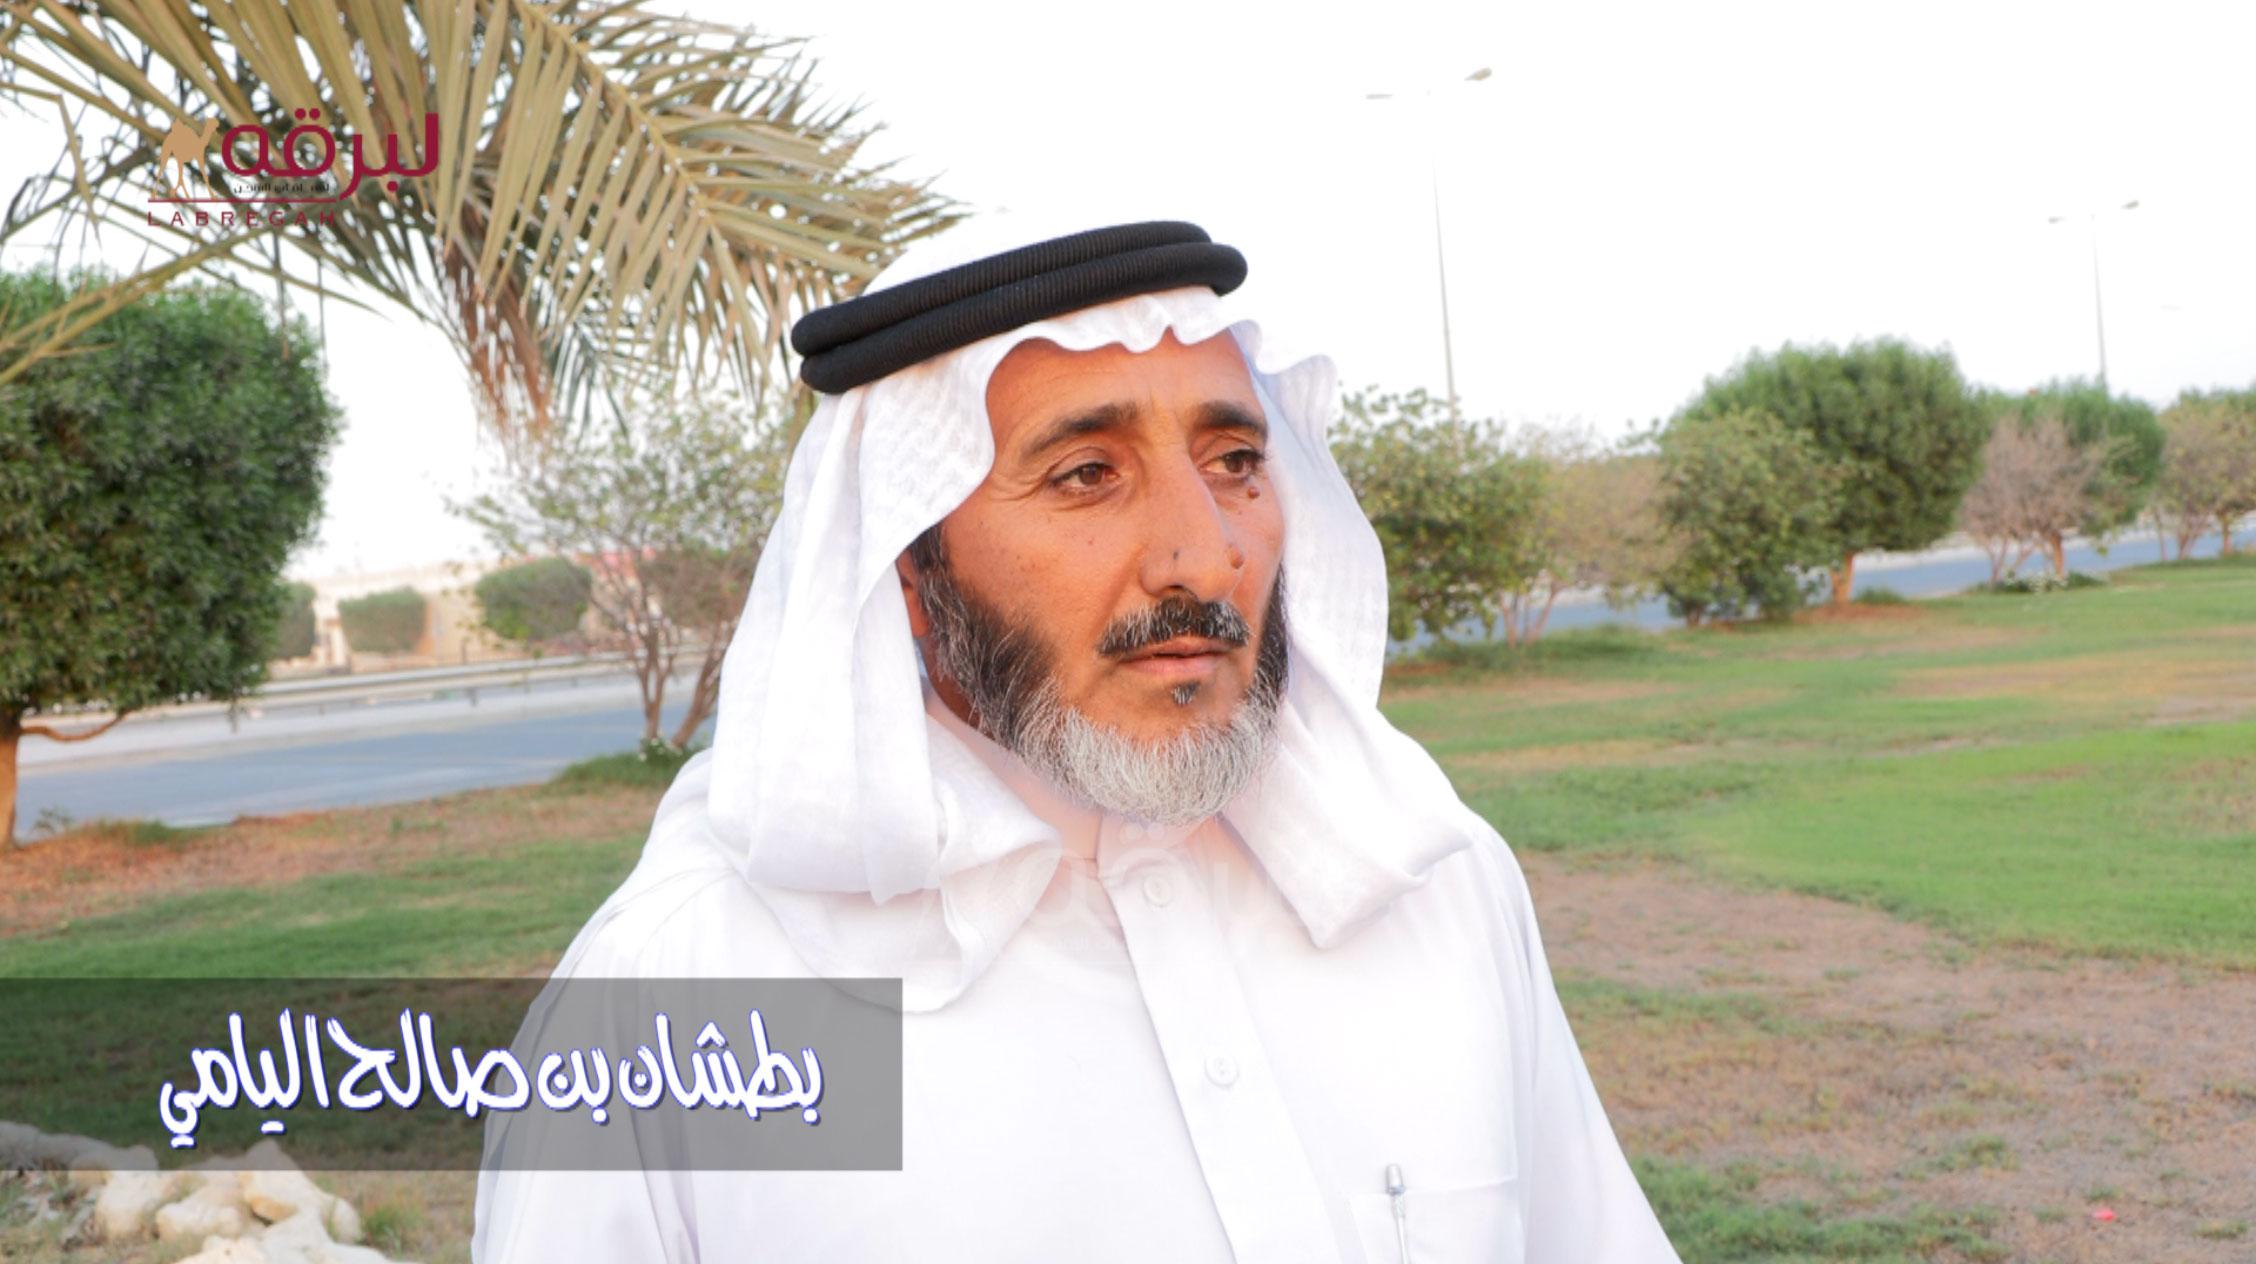 لقاء مع بطشان بن صالح اليامي.. الشوط الرئيسي للحقايق بكار (مفتوح) الأشواط العامة  ٧-١٠-٢٠٢١